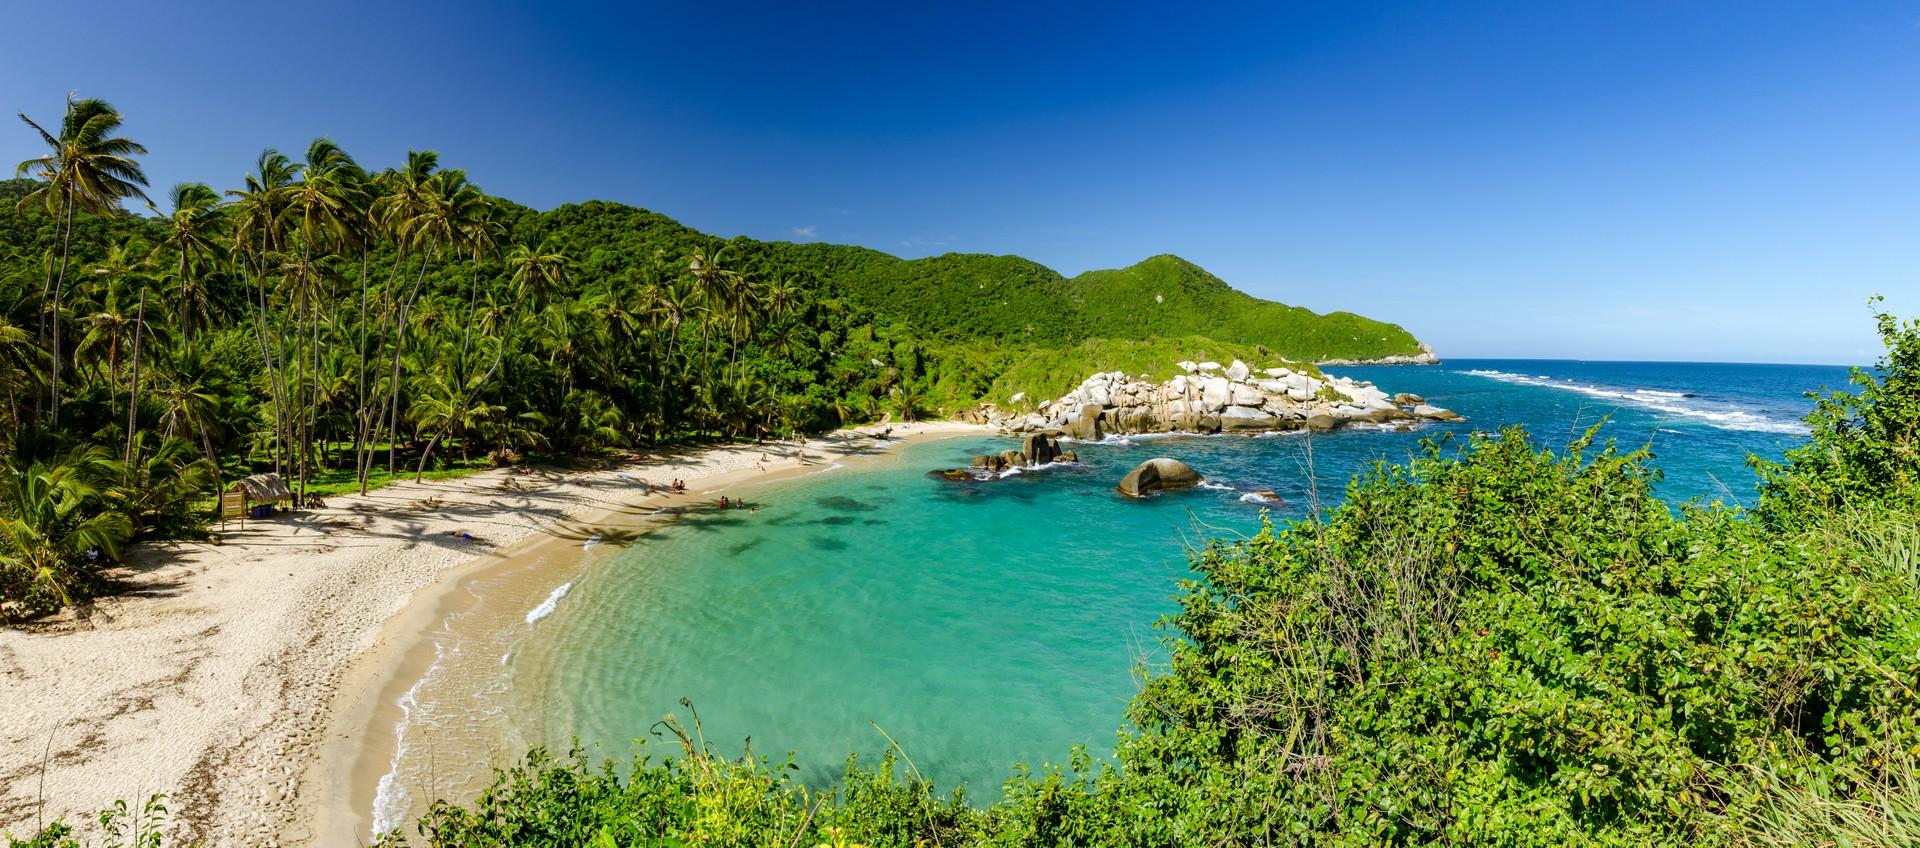 Tayrona National Park's Caribbean coast, Colombia